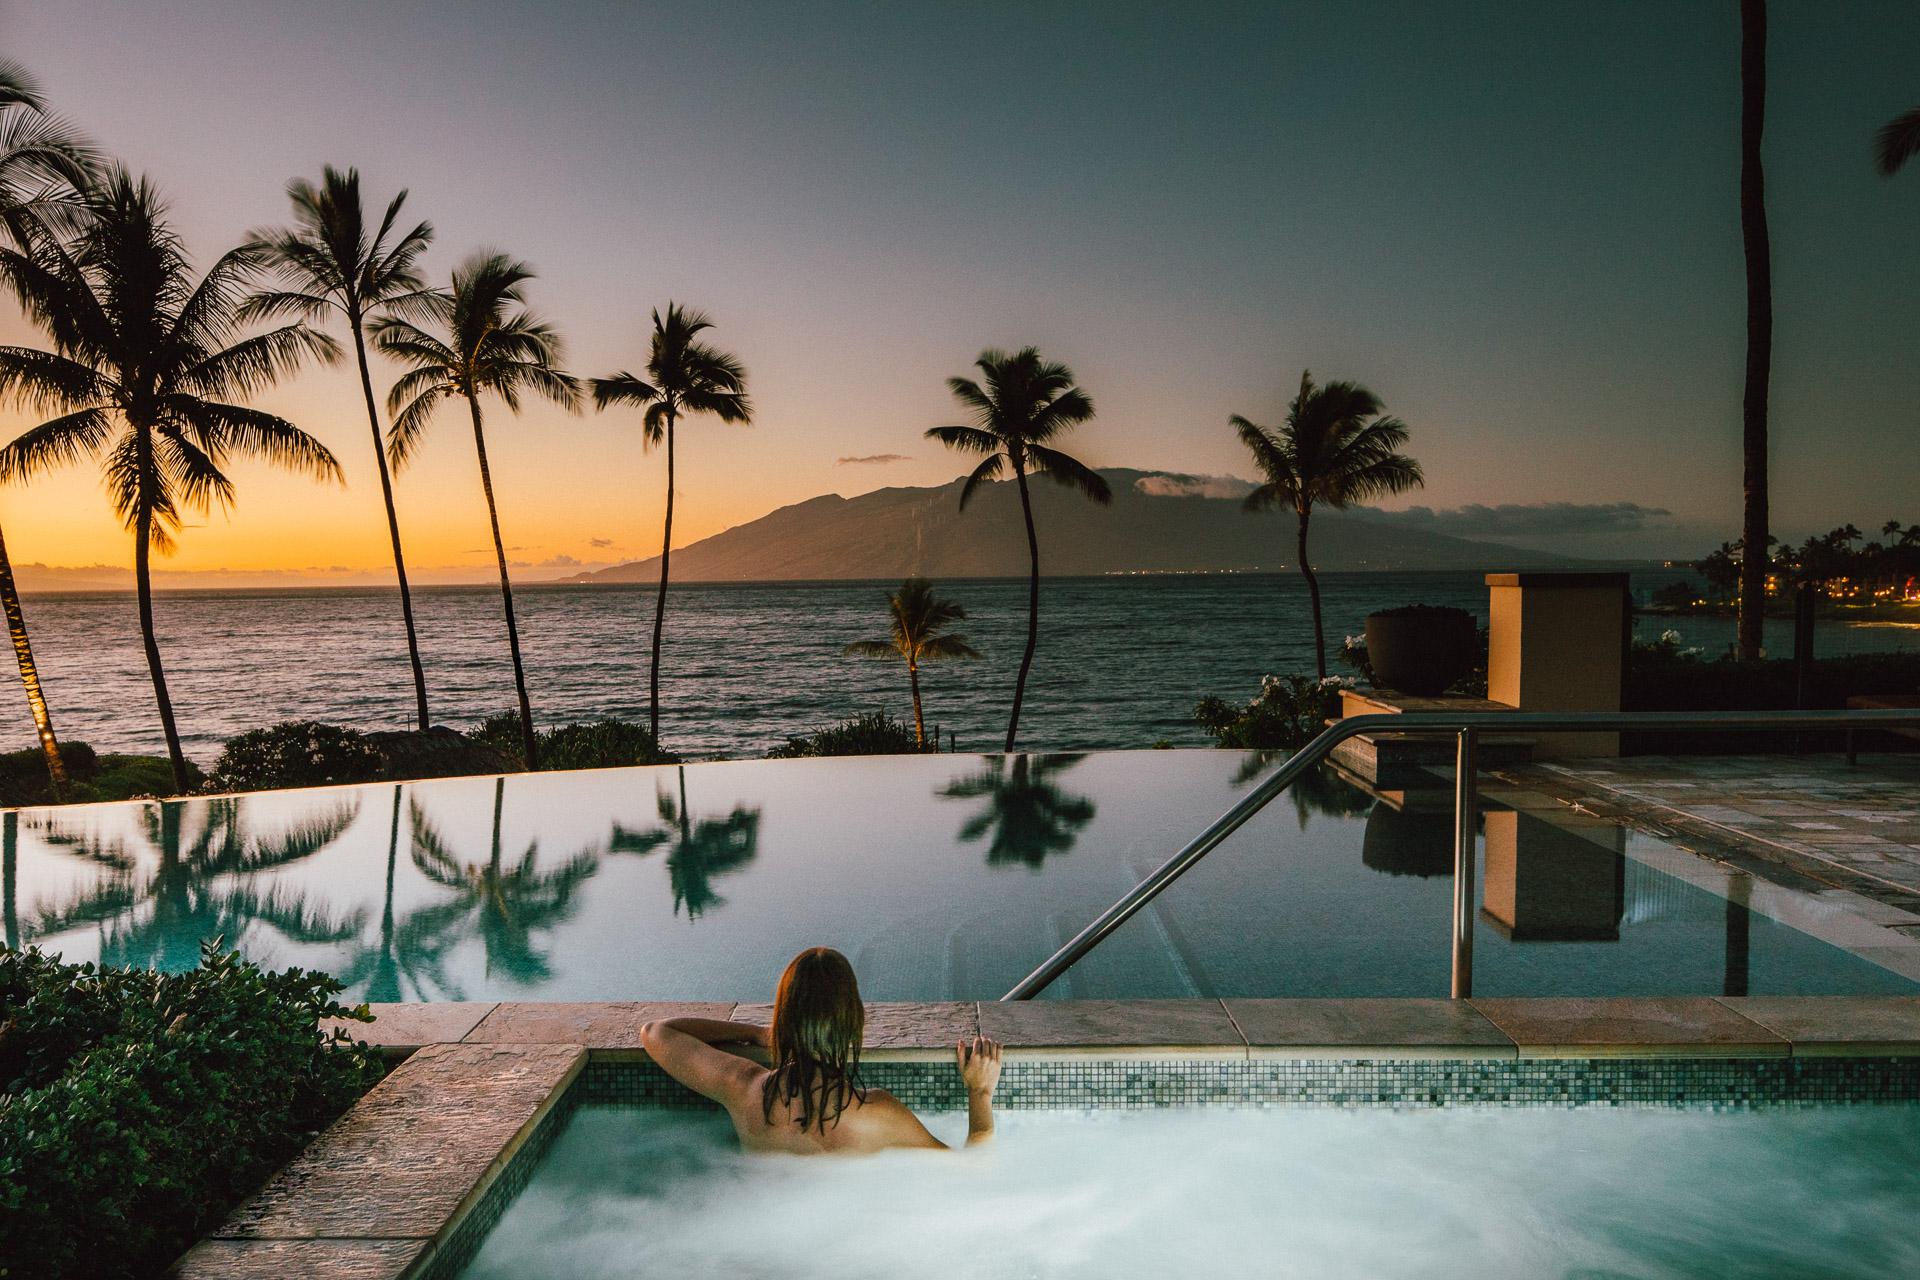 Four Seasons, Maui - Maui, Hawaii